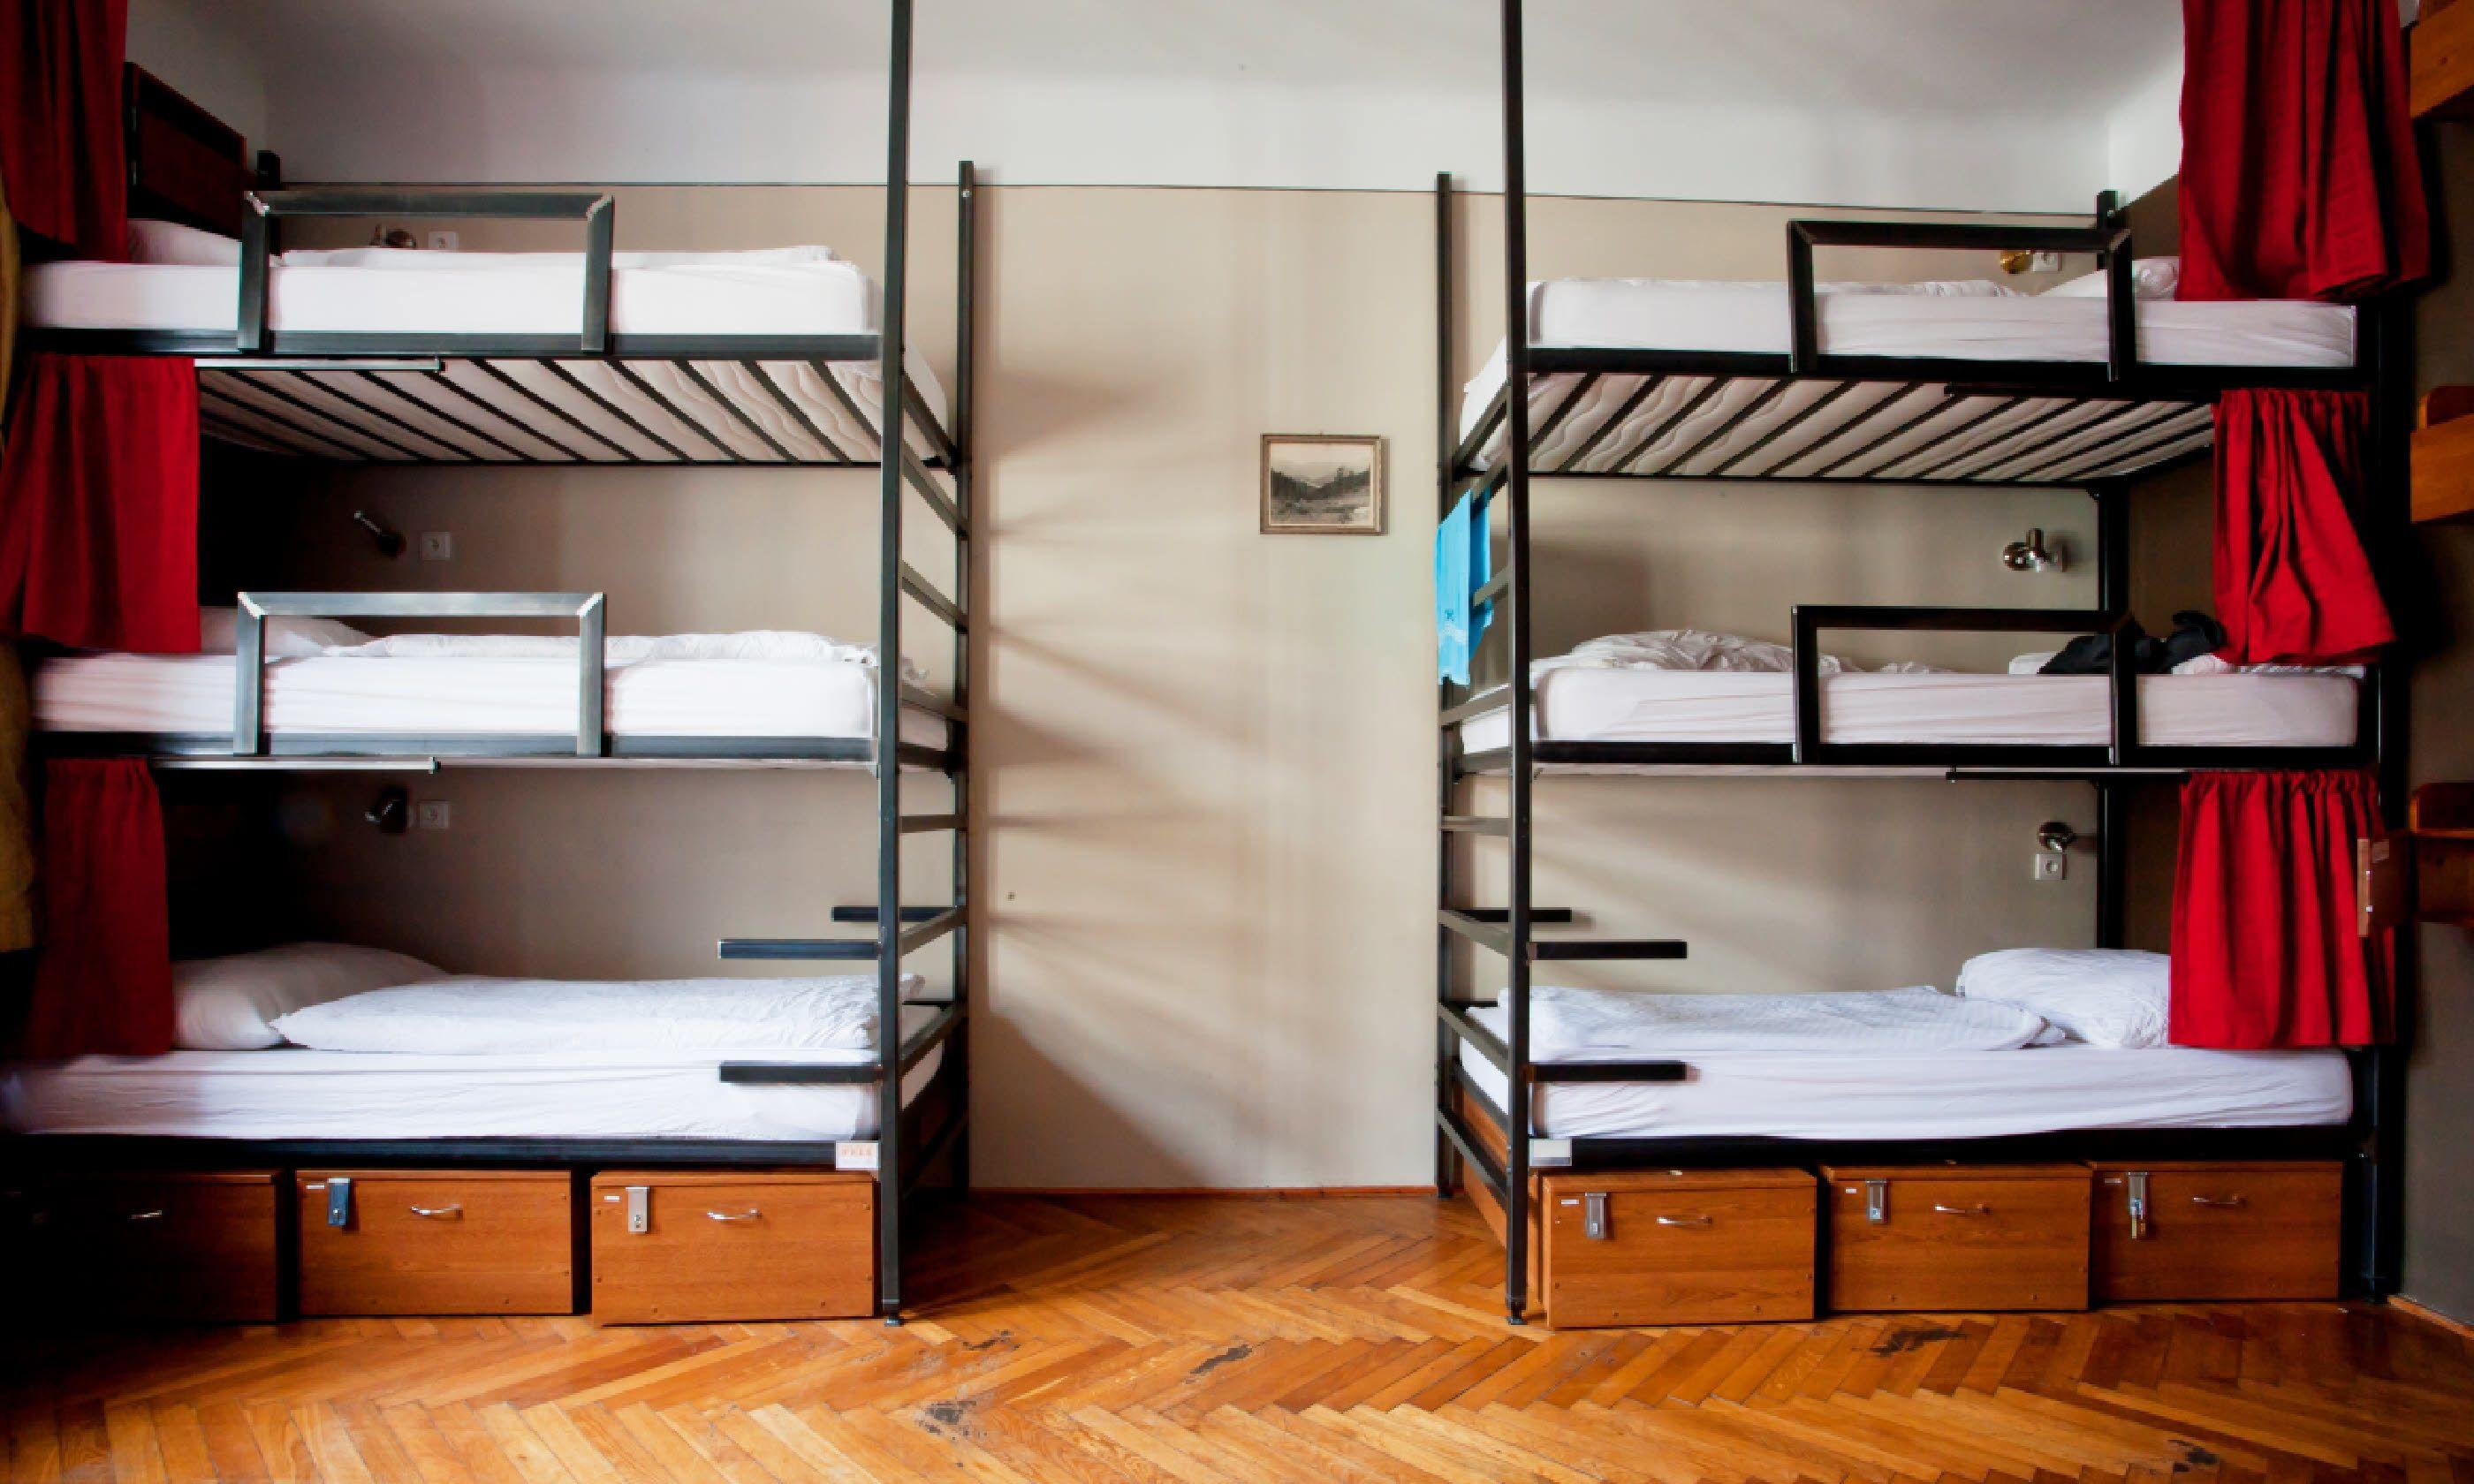 Hotel beds, Prague (Shutterstock)